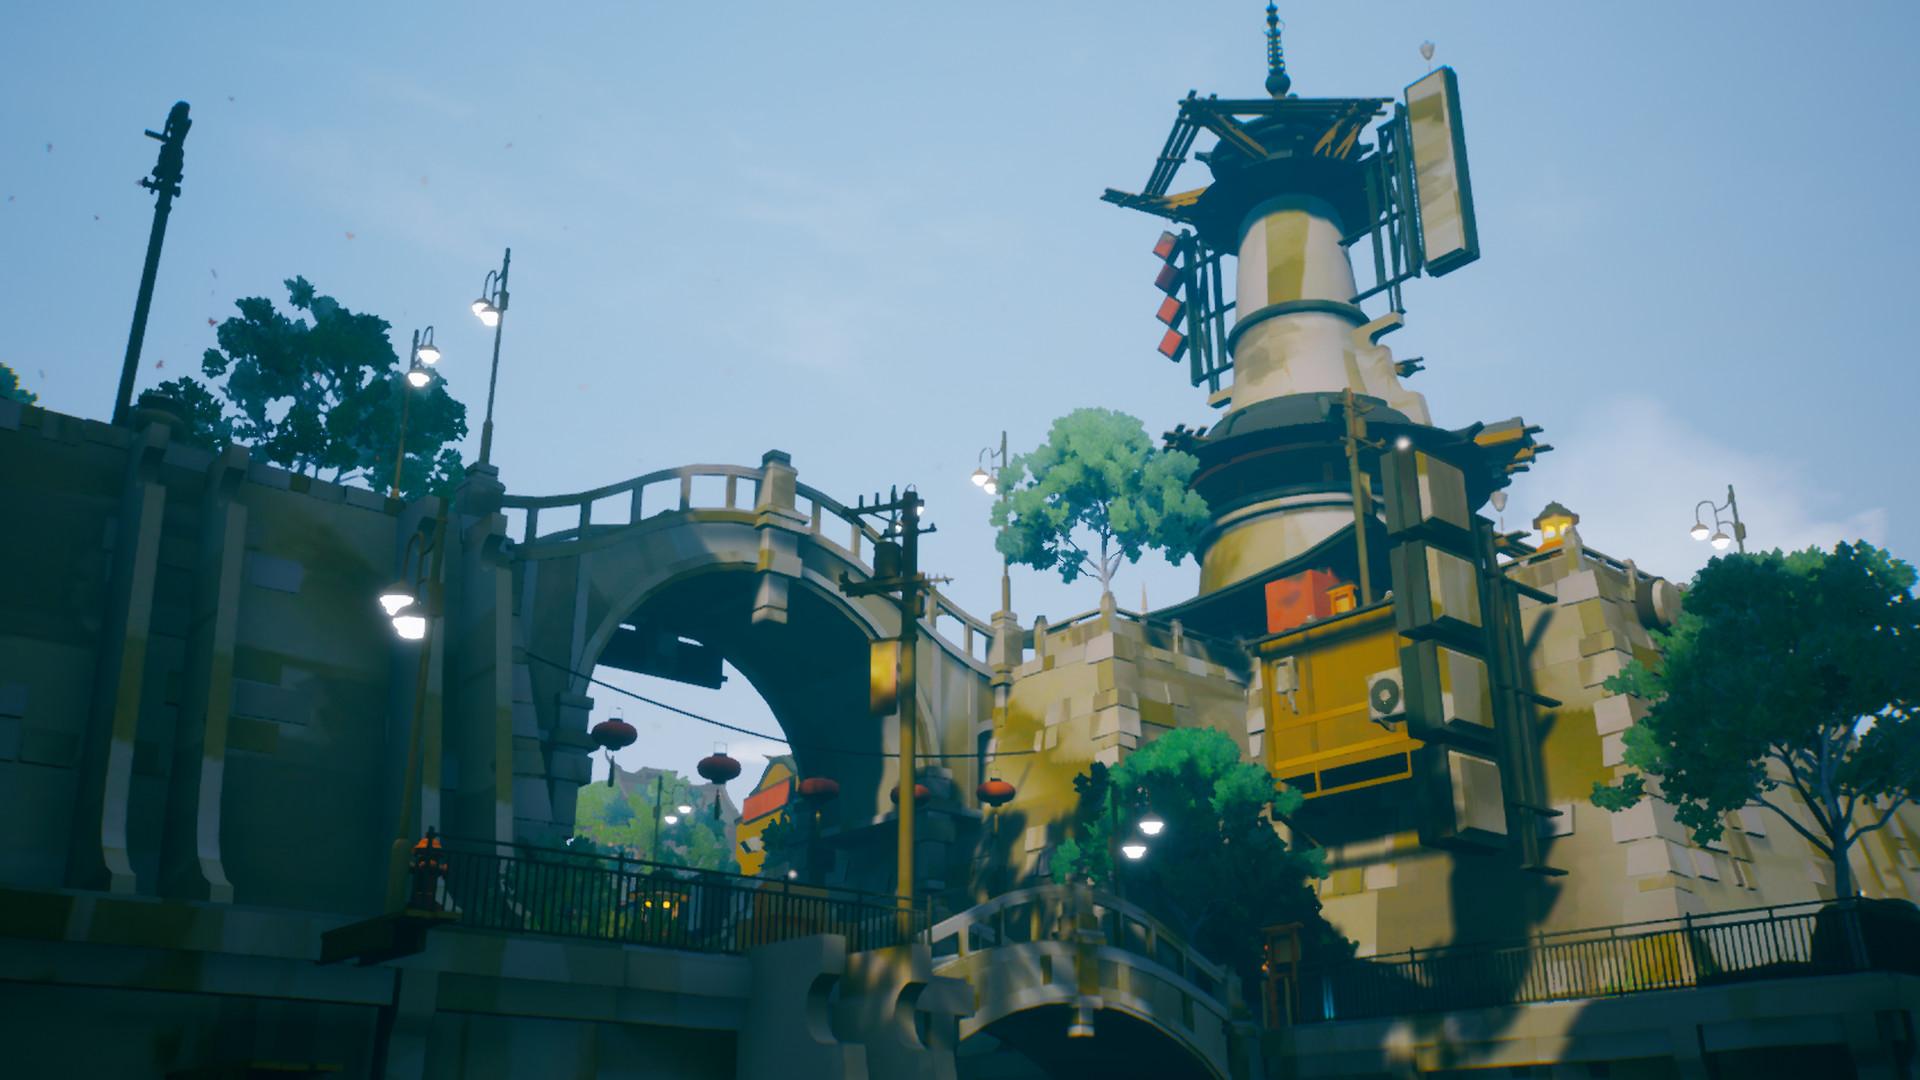 东方幻想探索游戏《黄昏沉眠街》4月14日发售 登陆Steam和GOG平台